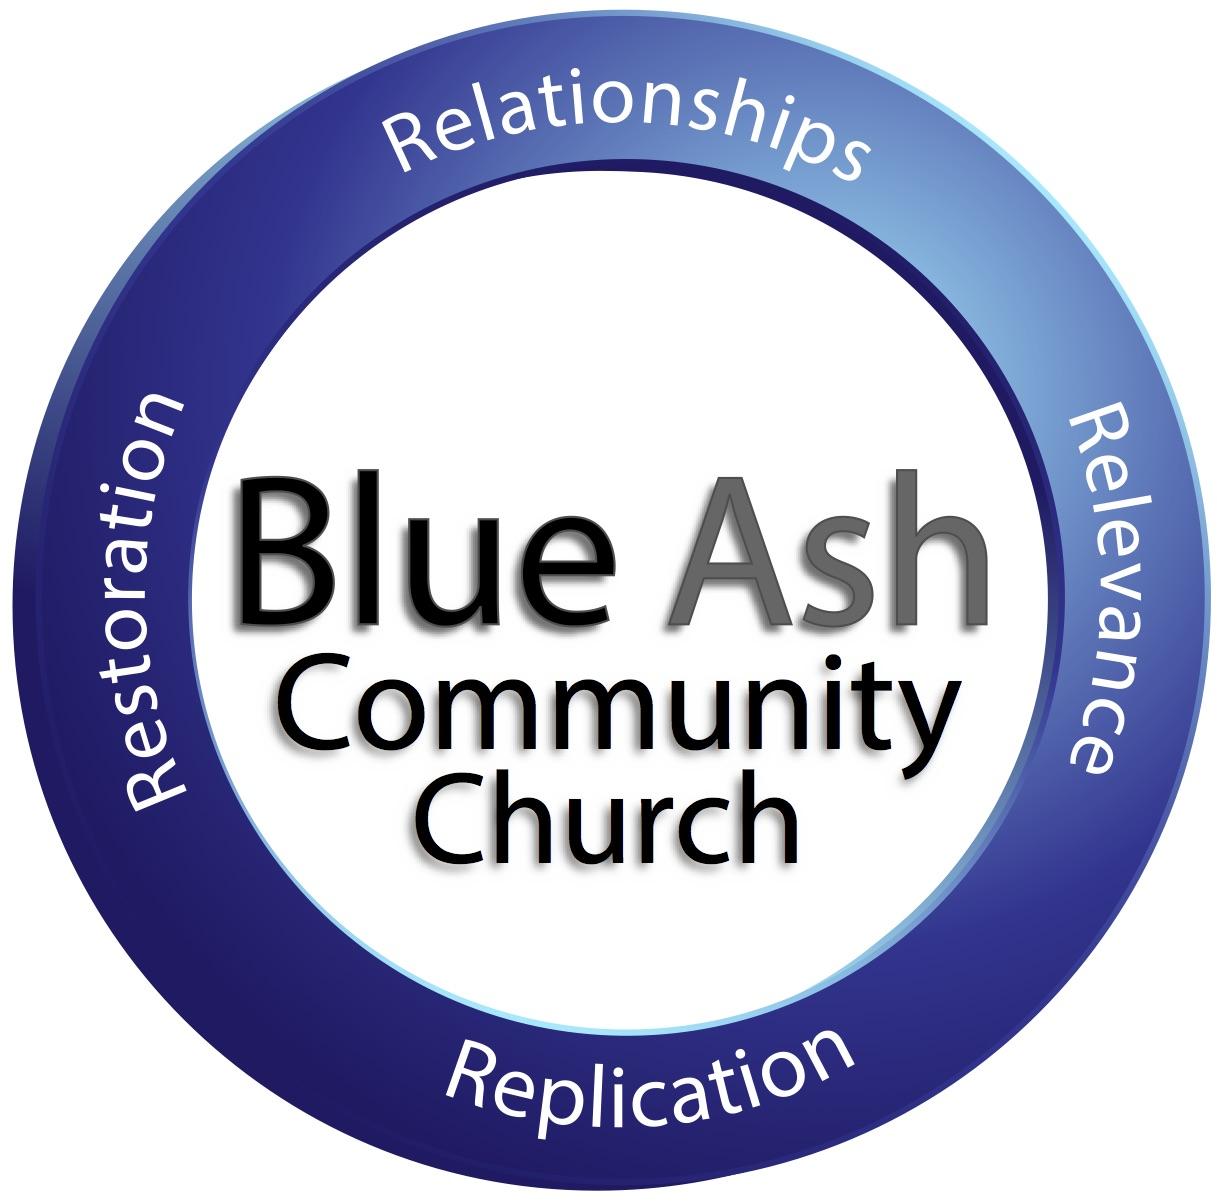 Blue Ash Community Church